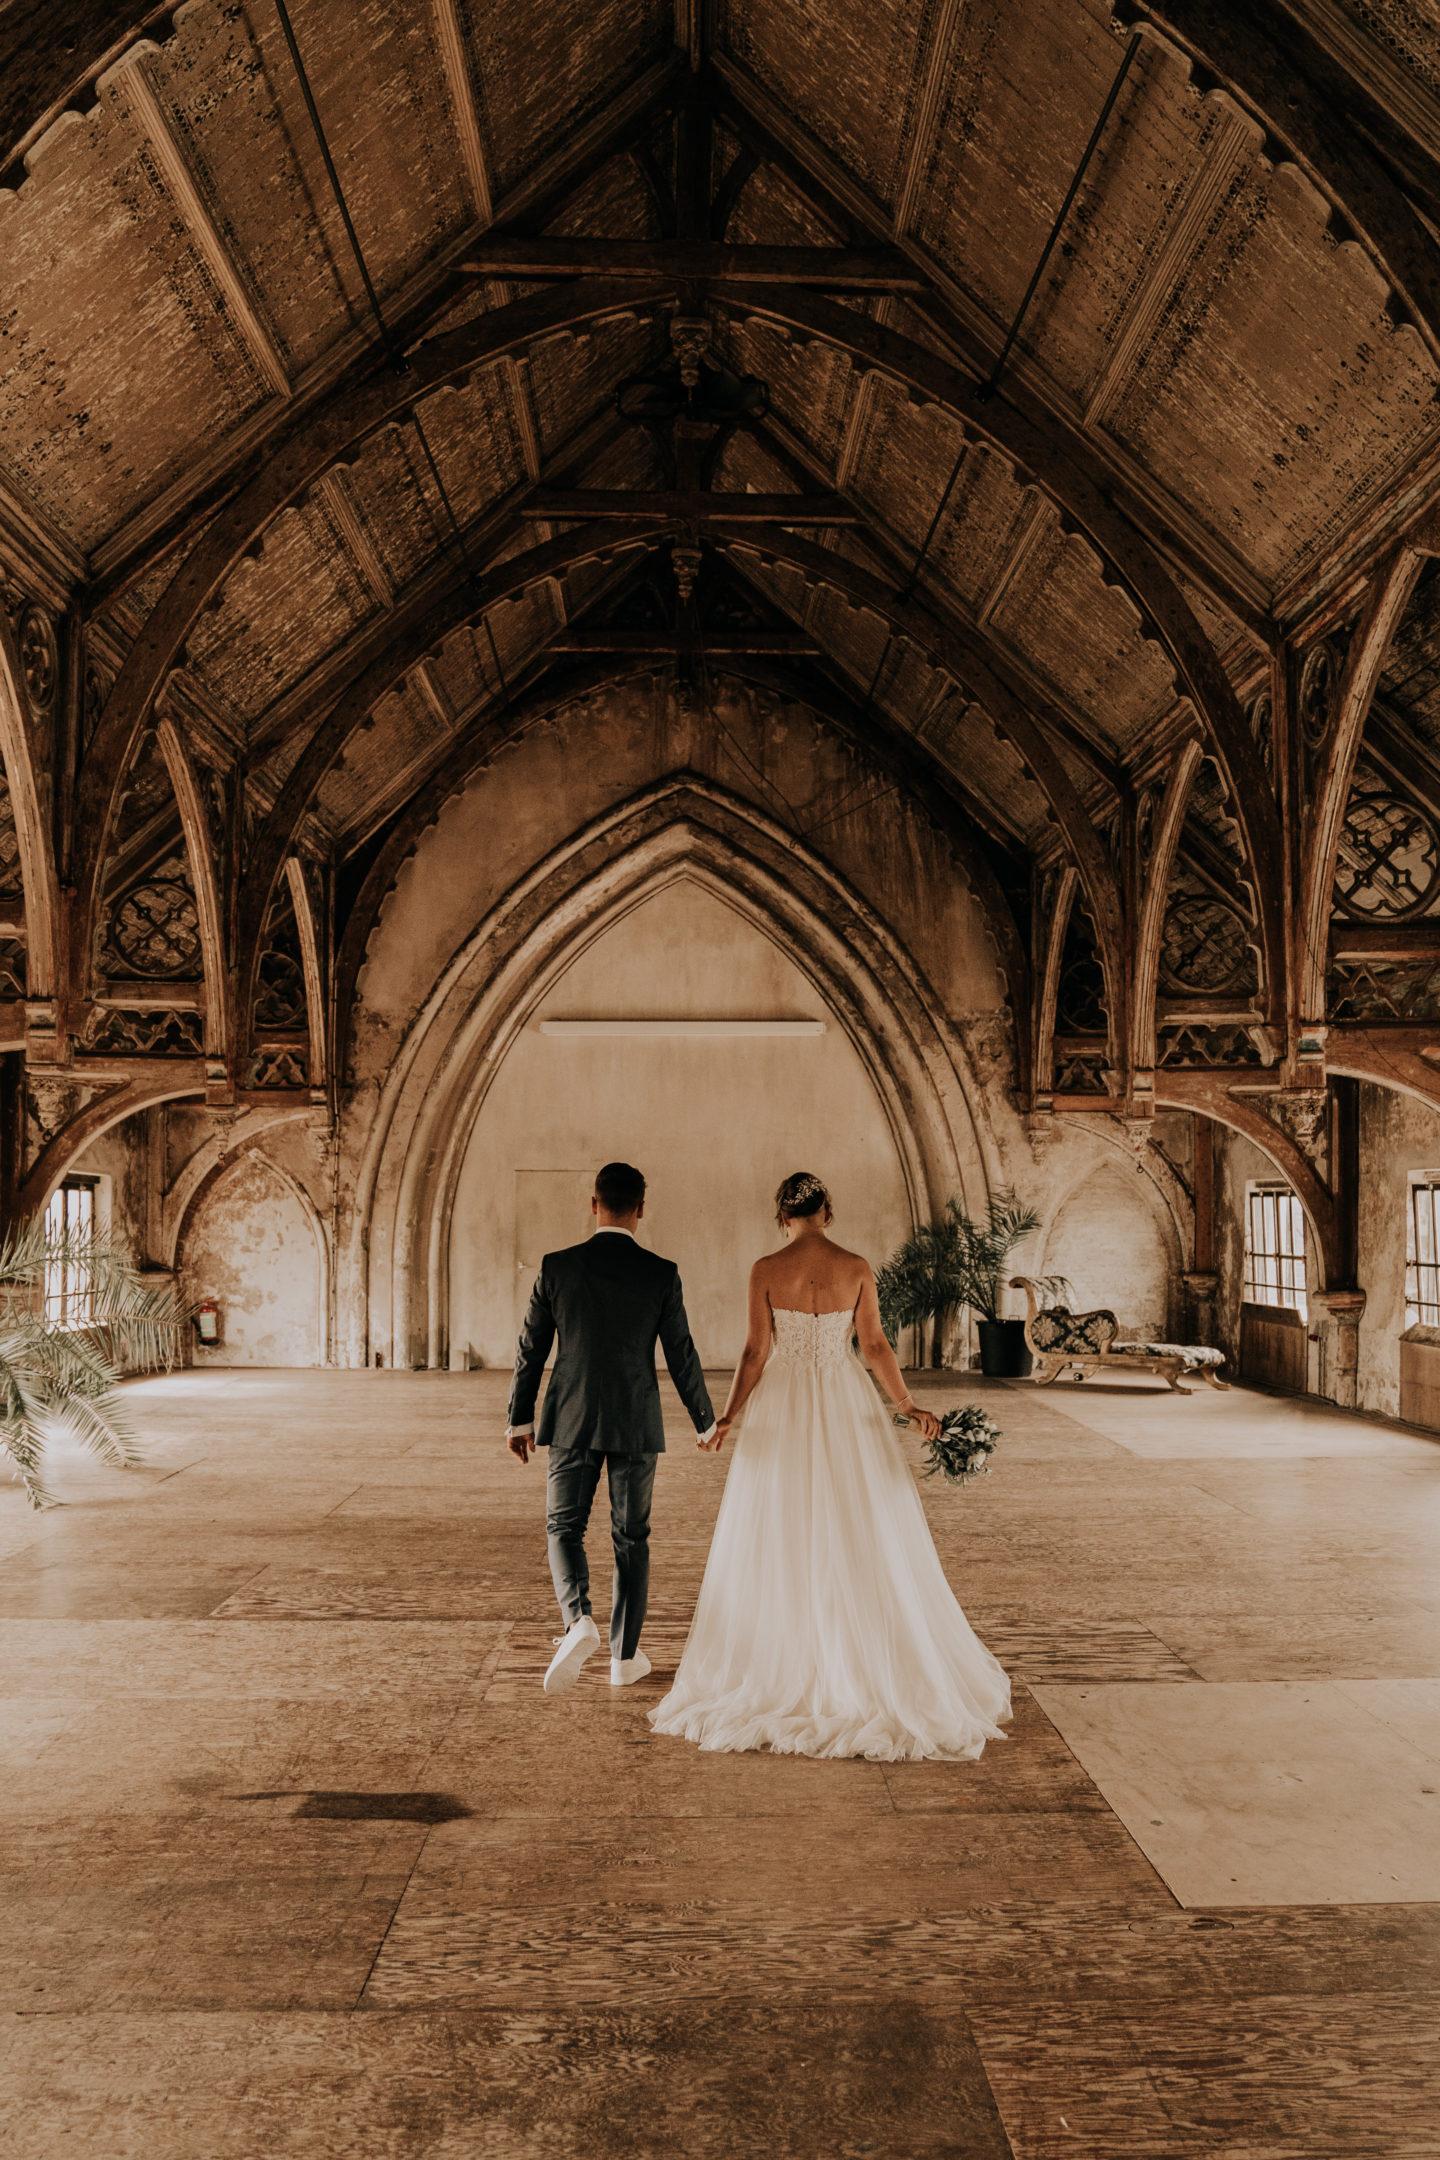 Onze trouwdag 8.8.2019